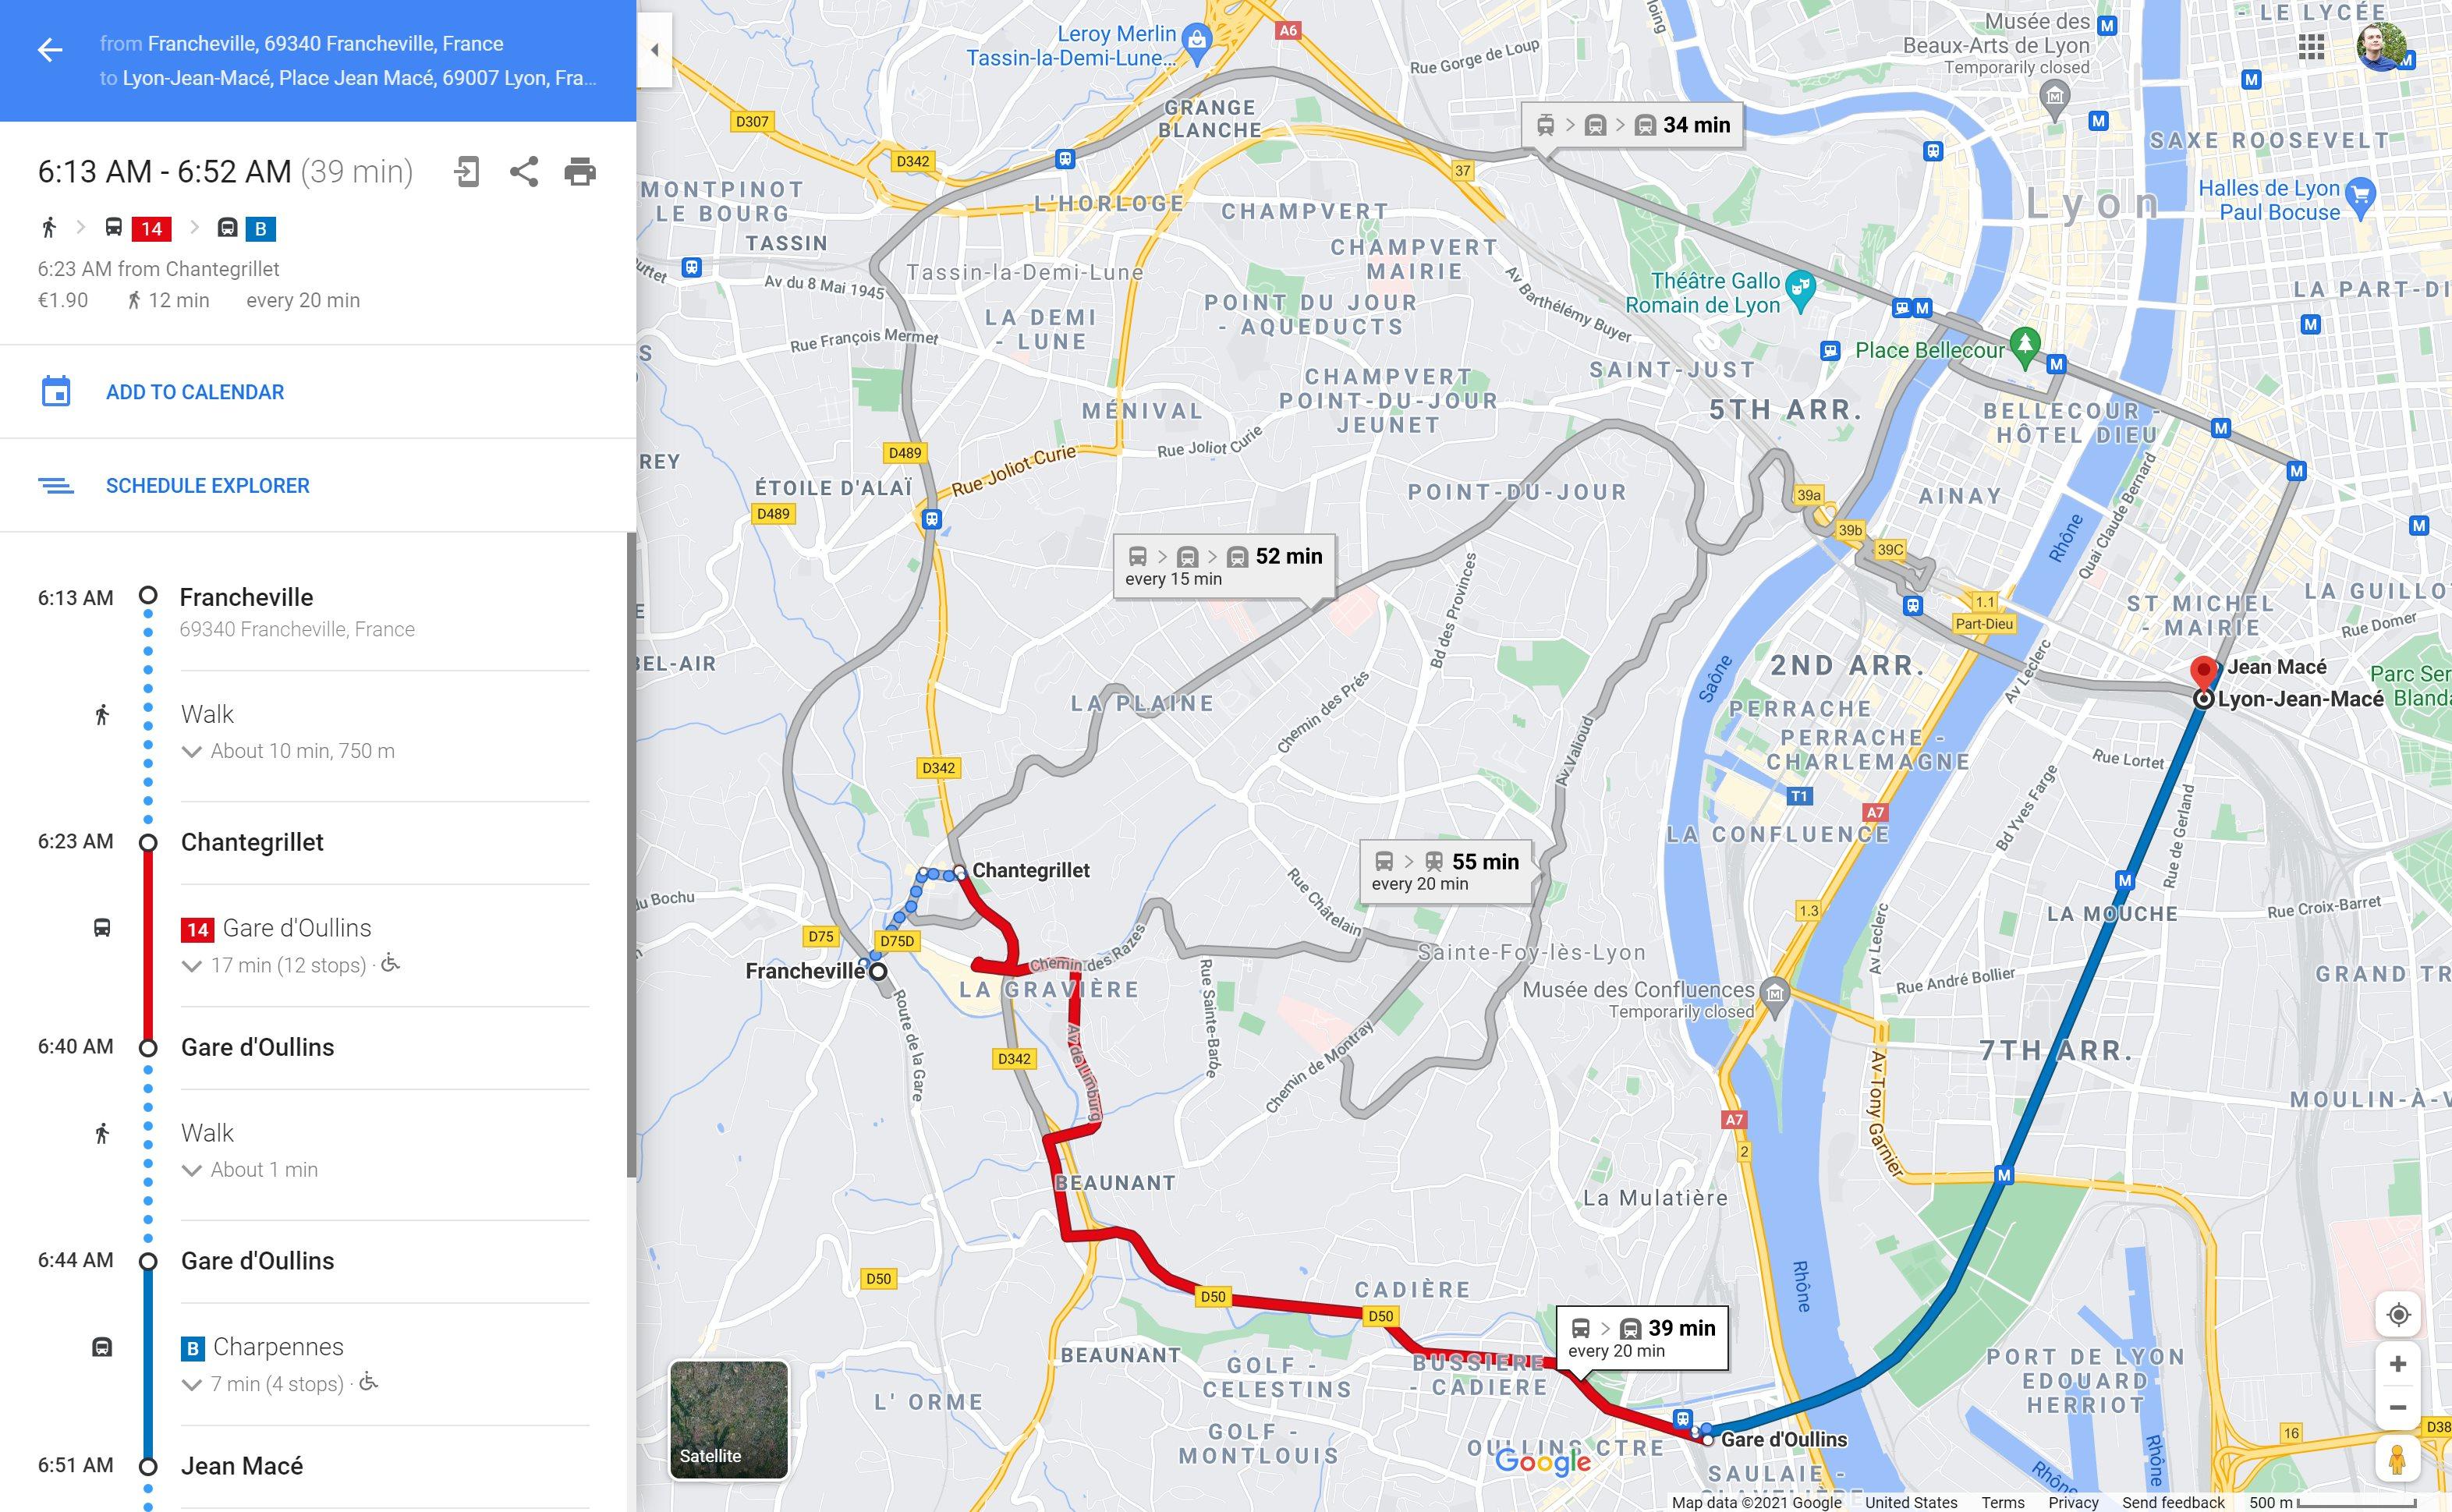 Mapy Google - Algorytm oszczędnej trasy